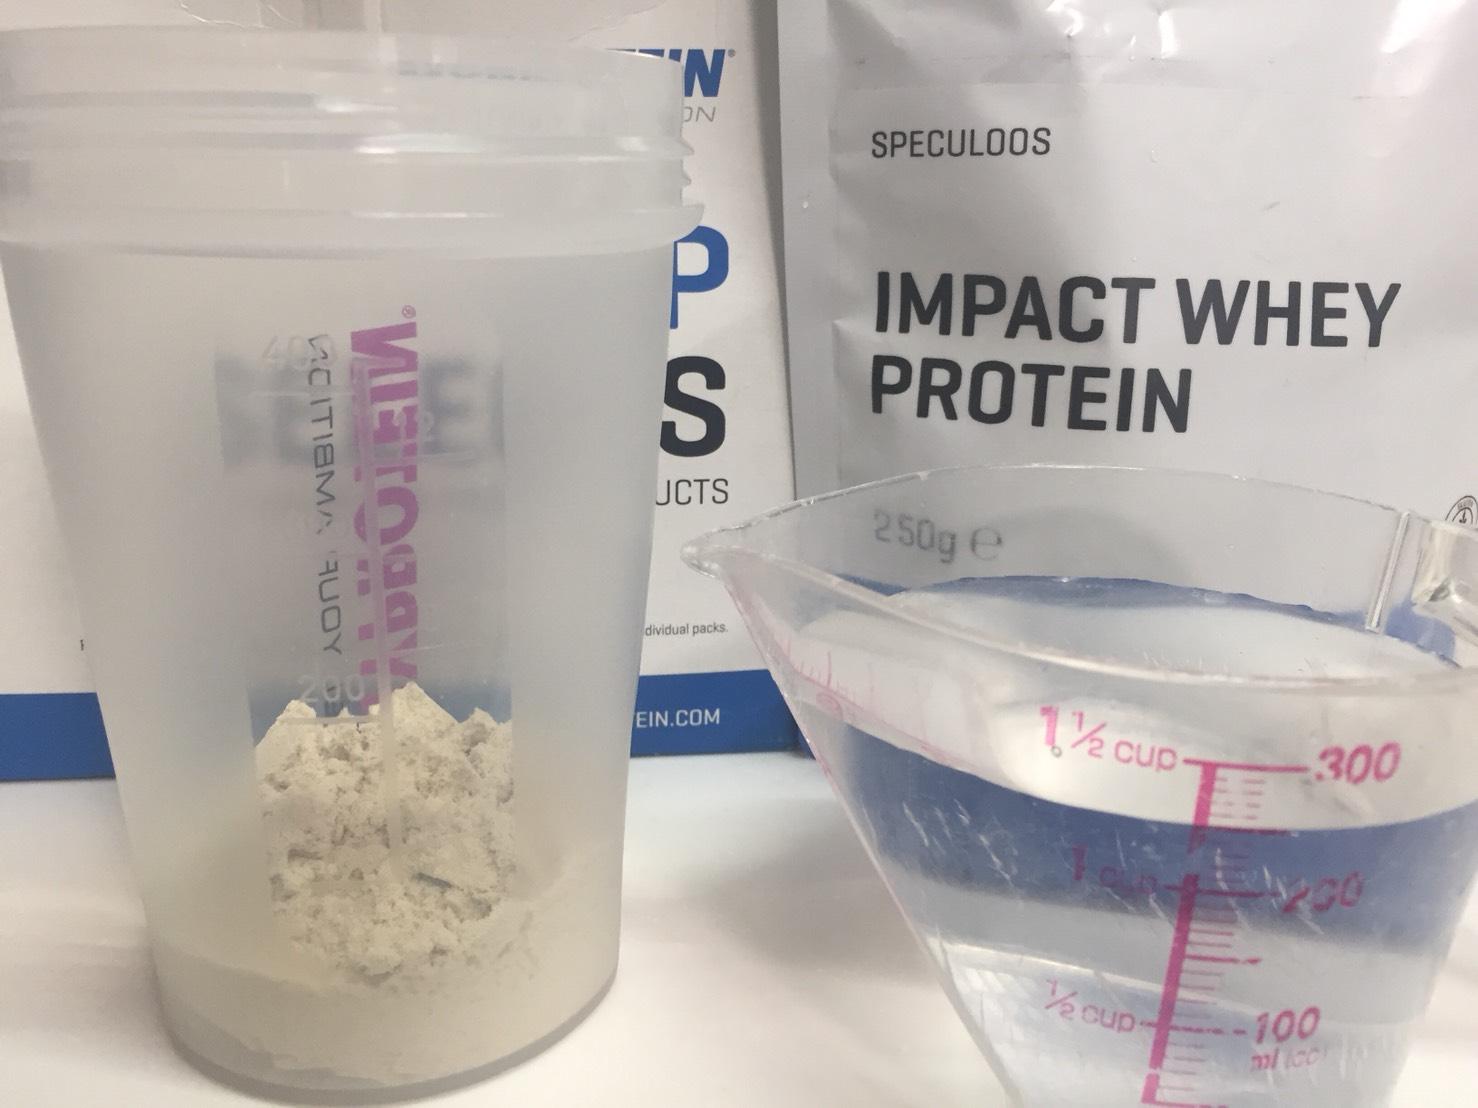 【WPC】Impactホエイプロテイン「SPECULOOS(スペキュラース味)」を250mlの水に溶かします。